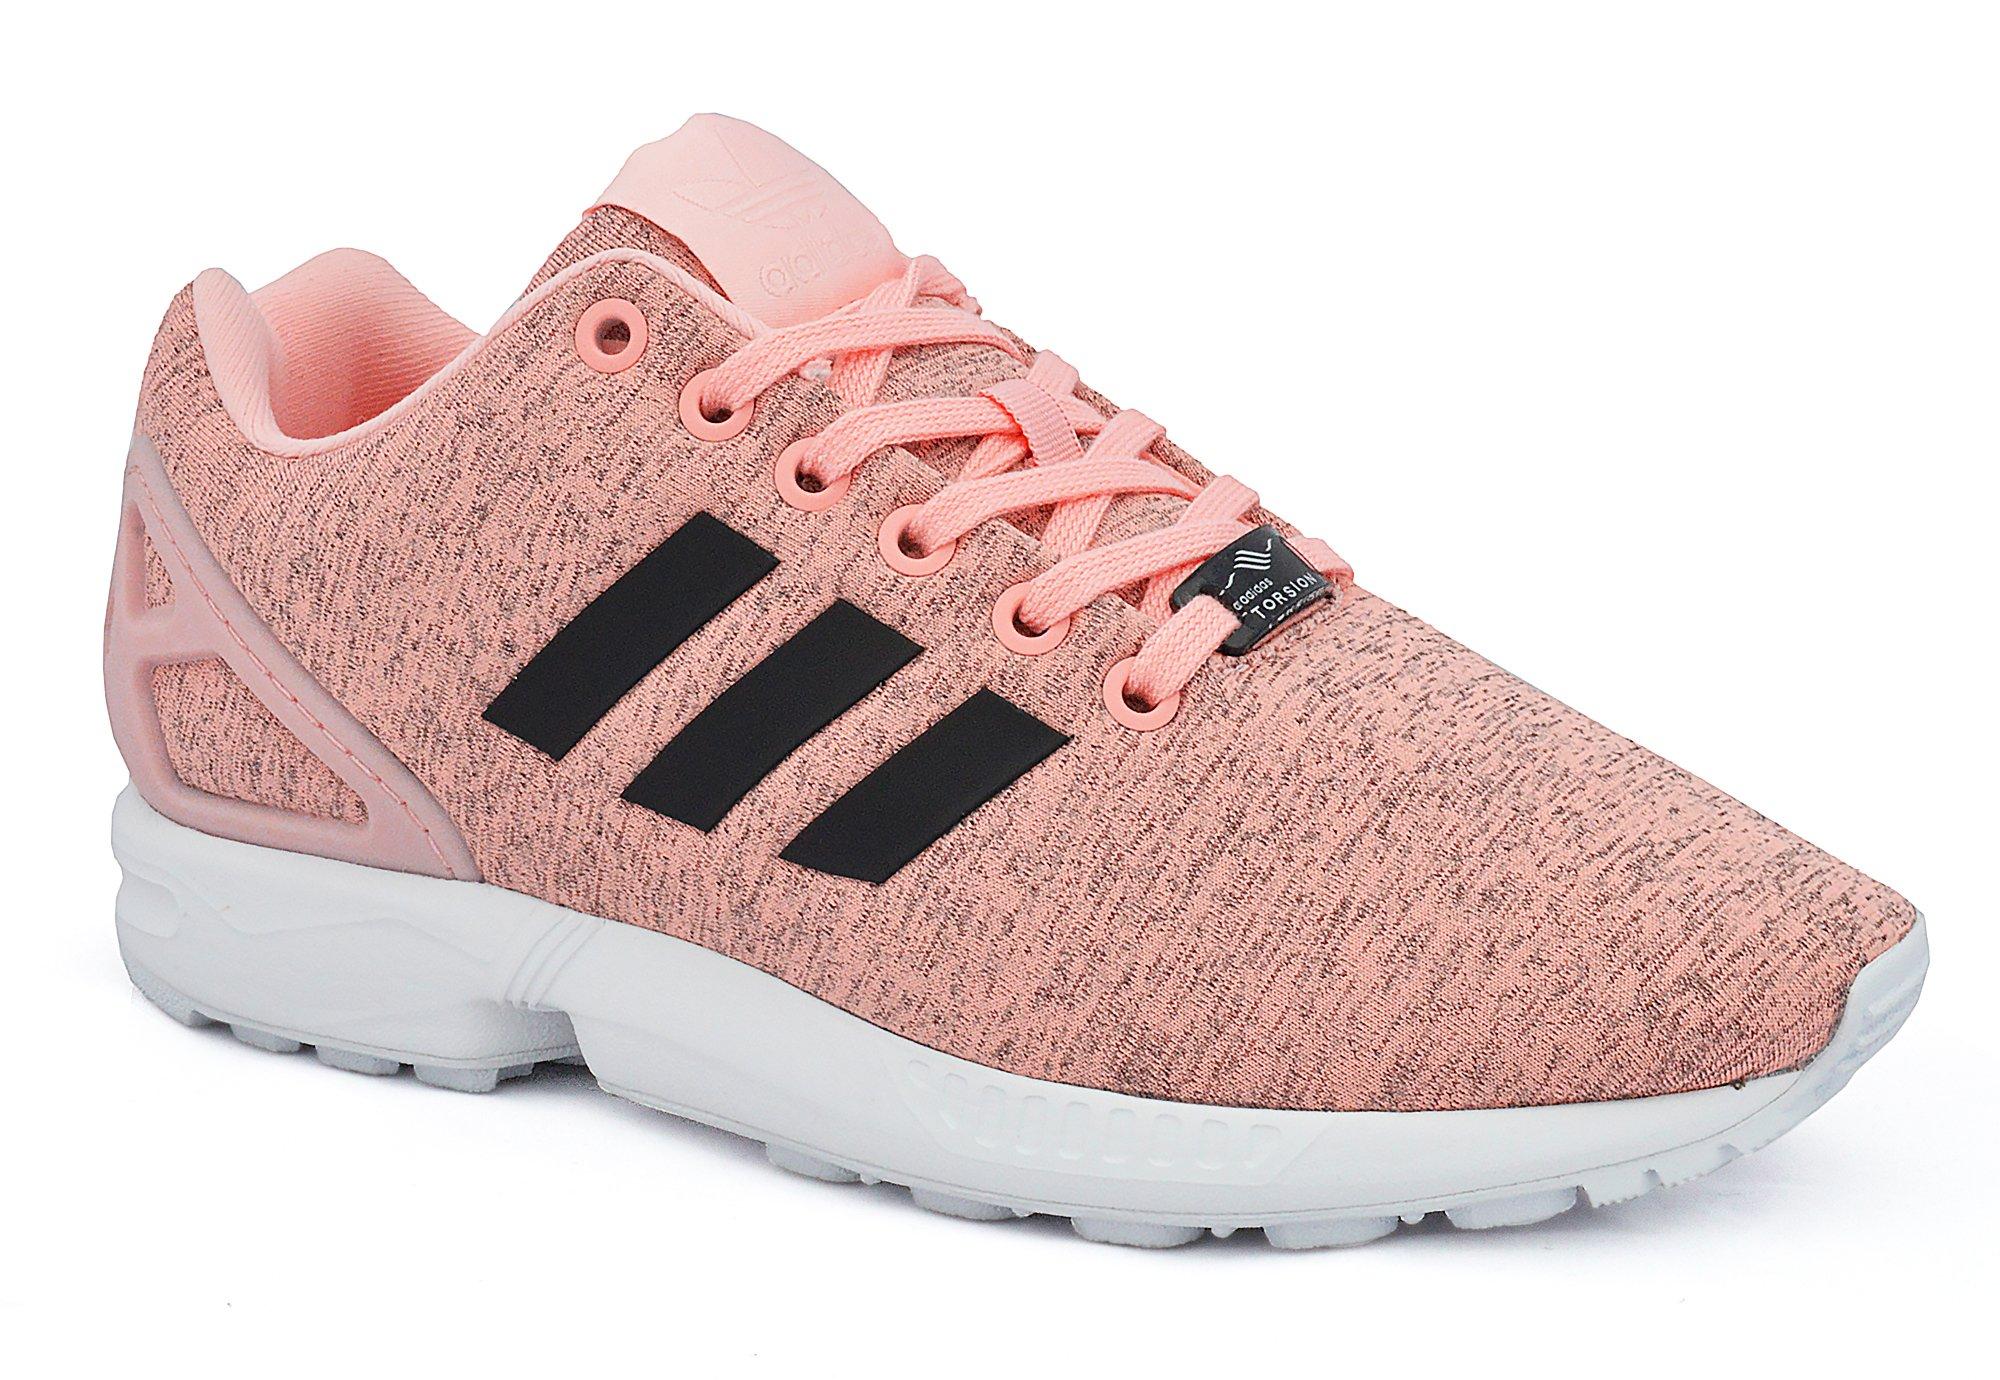 Wysoka jakość obuwie Adidas Buty damskie Originals ZX Flux